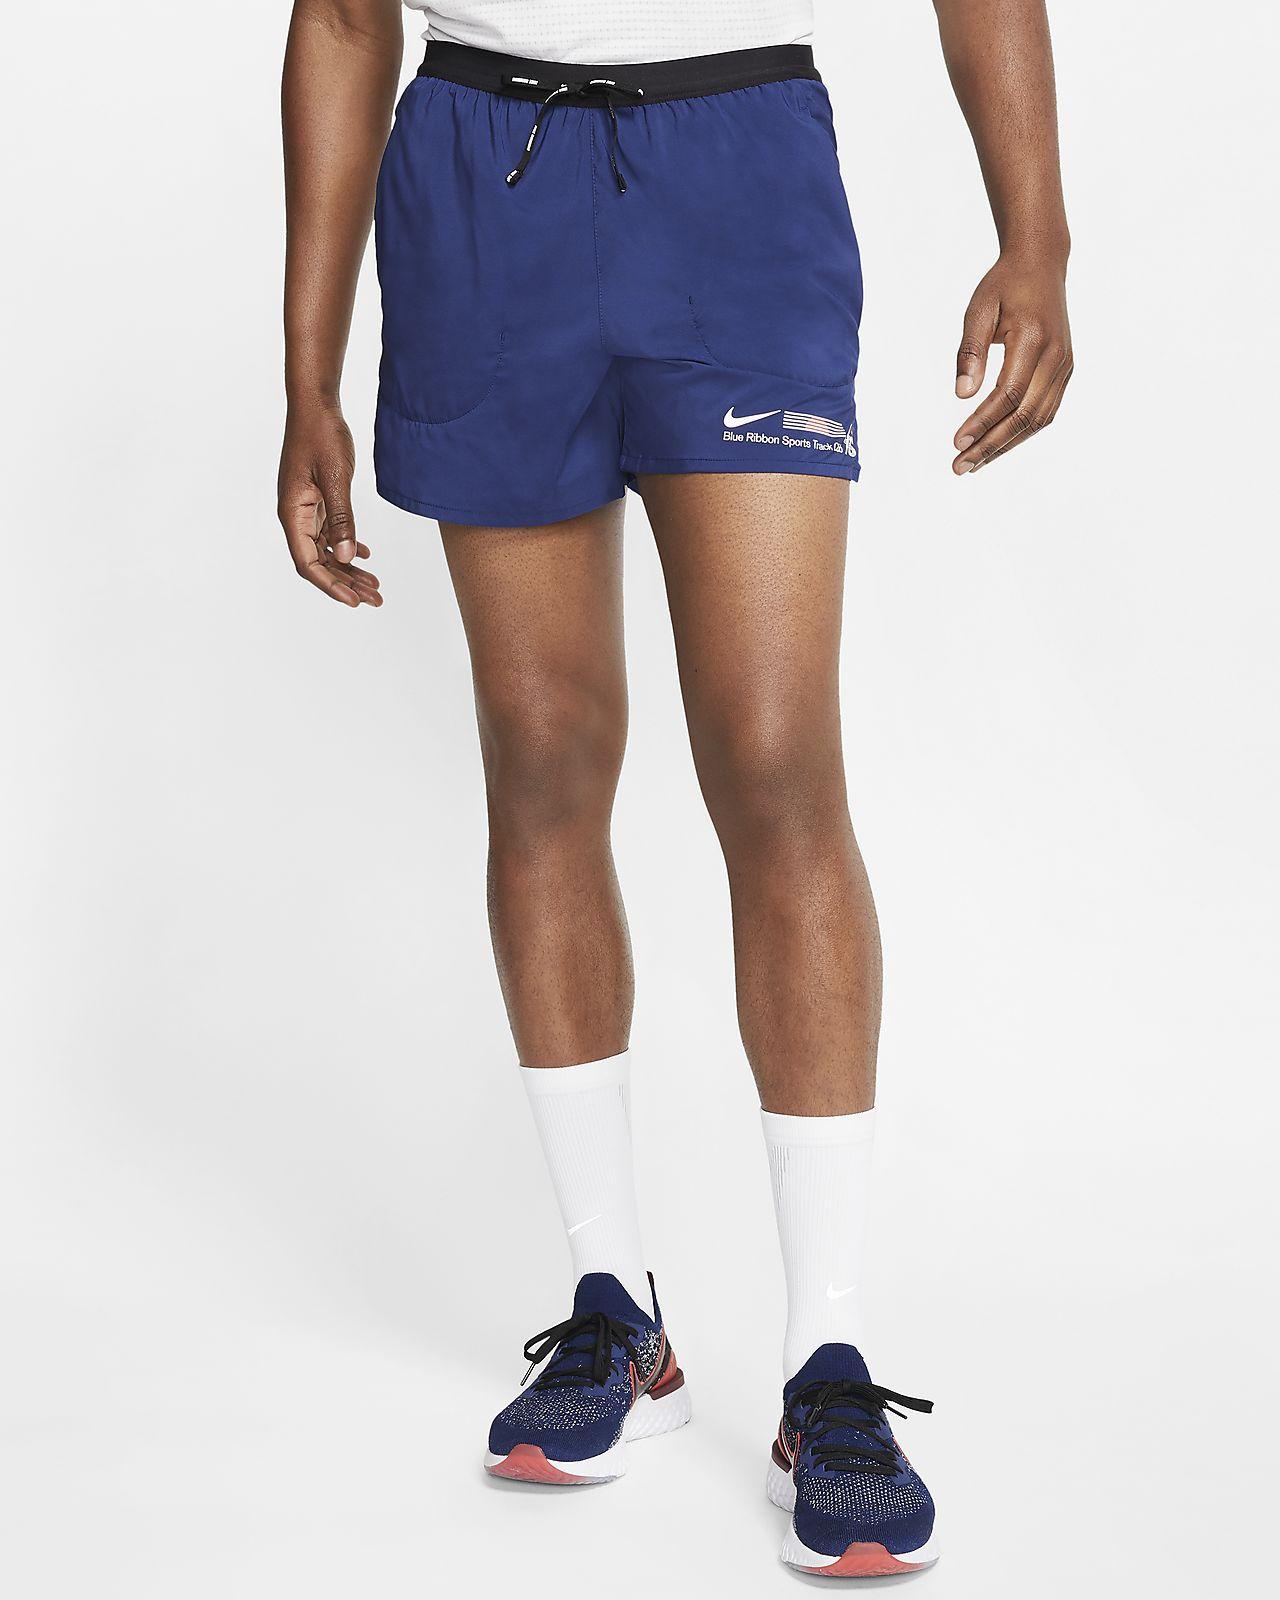 Short de running avec sous-short intégré Nike Flex Stride Blue Ribbon Sports 13 cm pour Homme